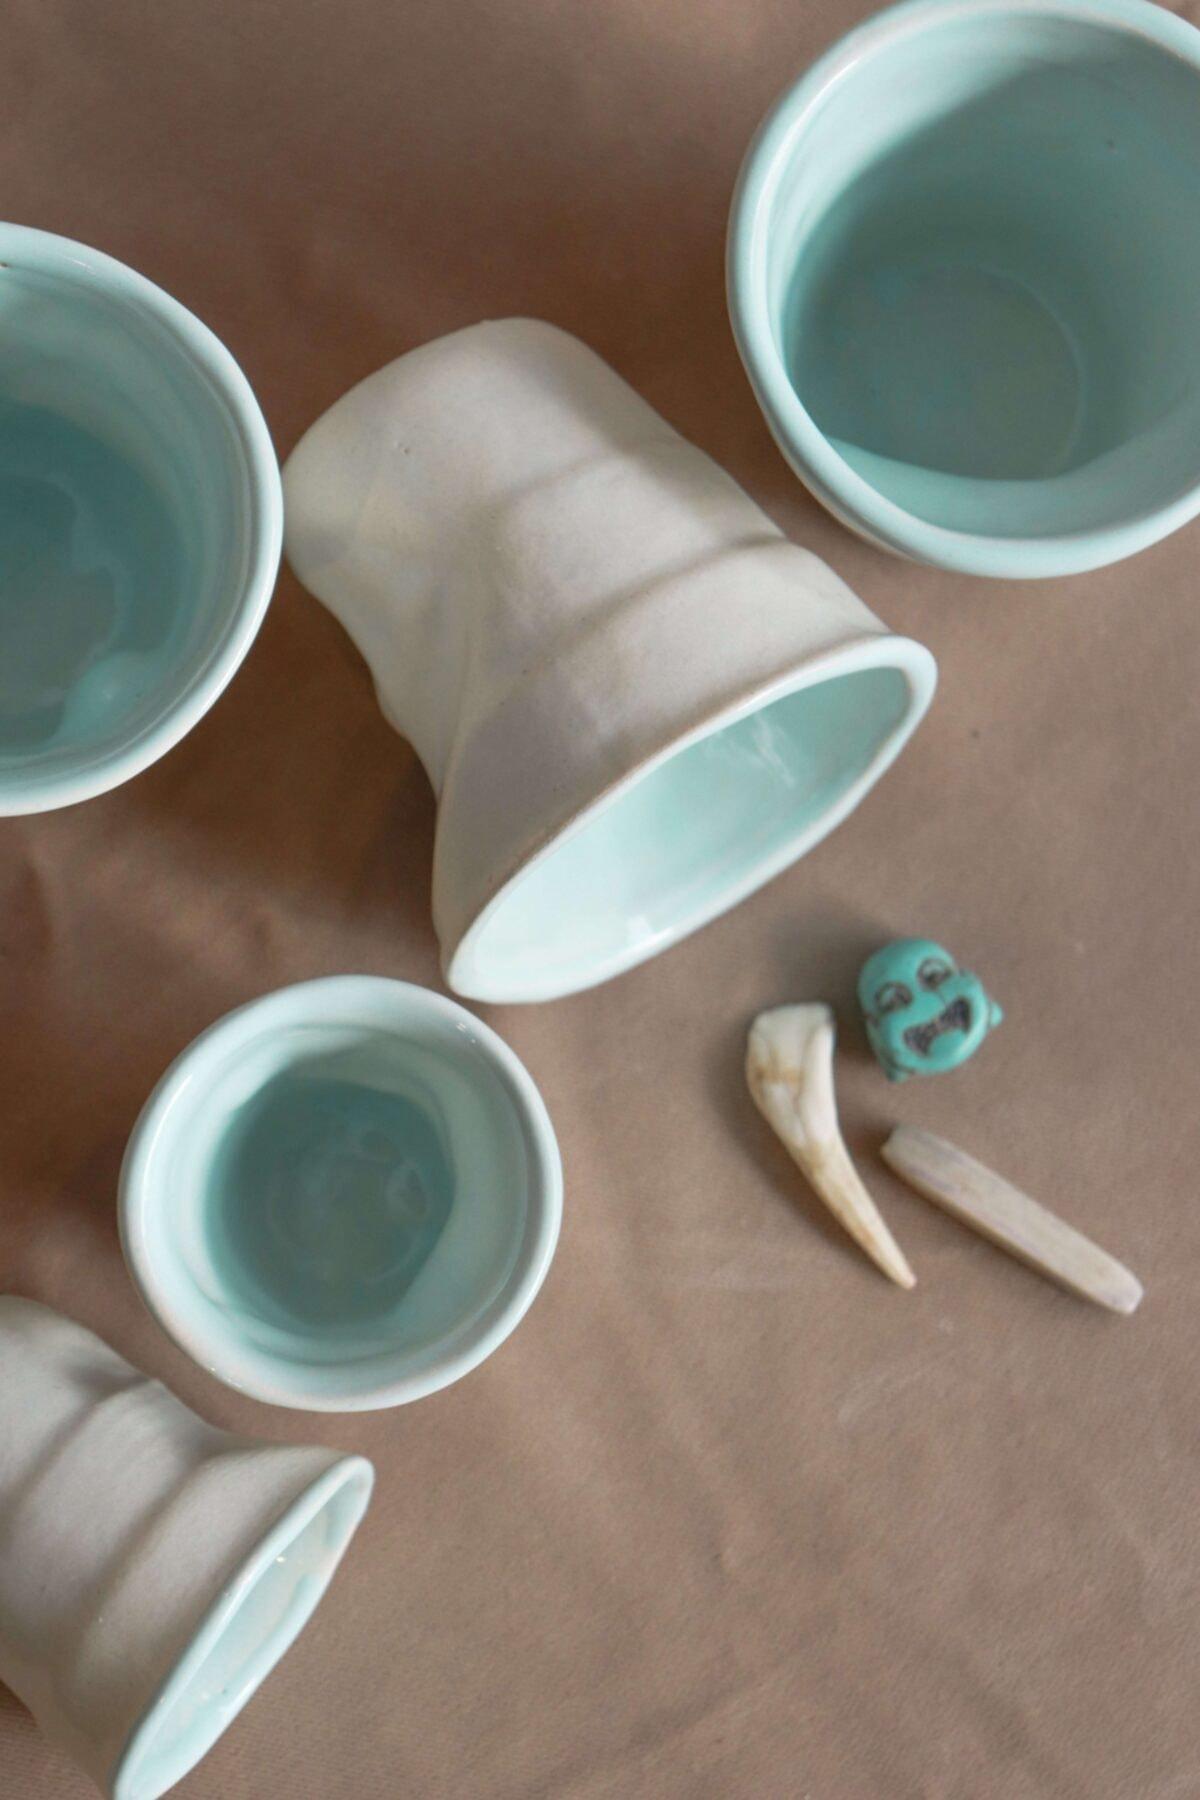 Yumsel Seramik El Yapımı Seramik Kahve Ve Espresso Bardağı (ZİMA MAVİSİ SERİSİ) 2